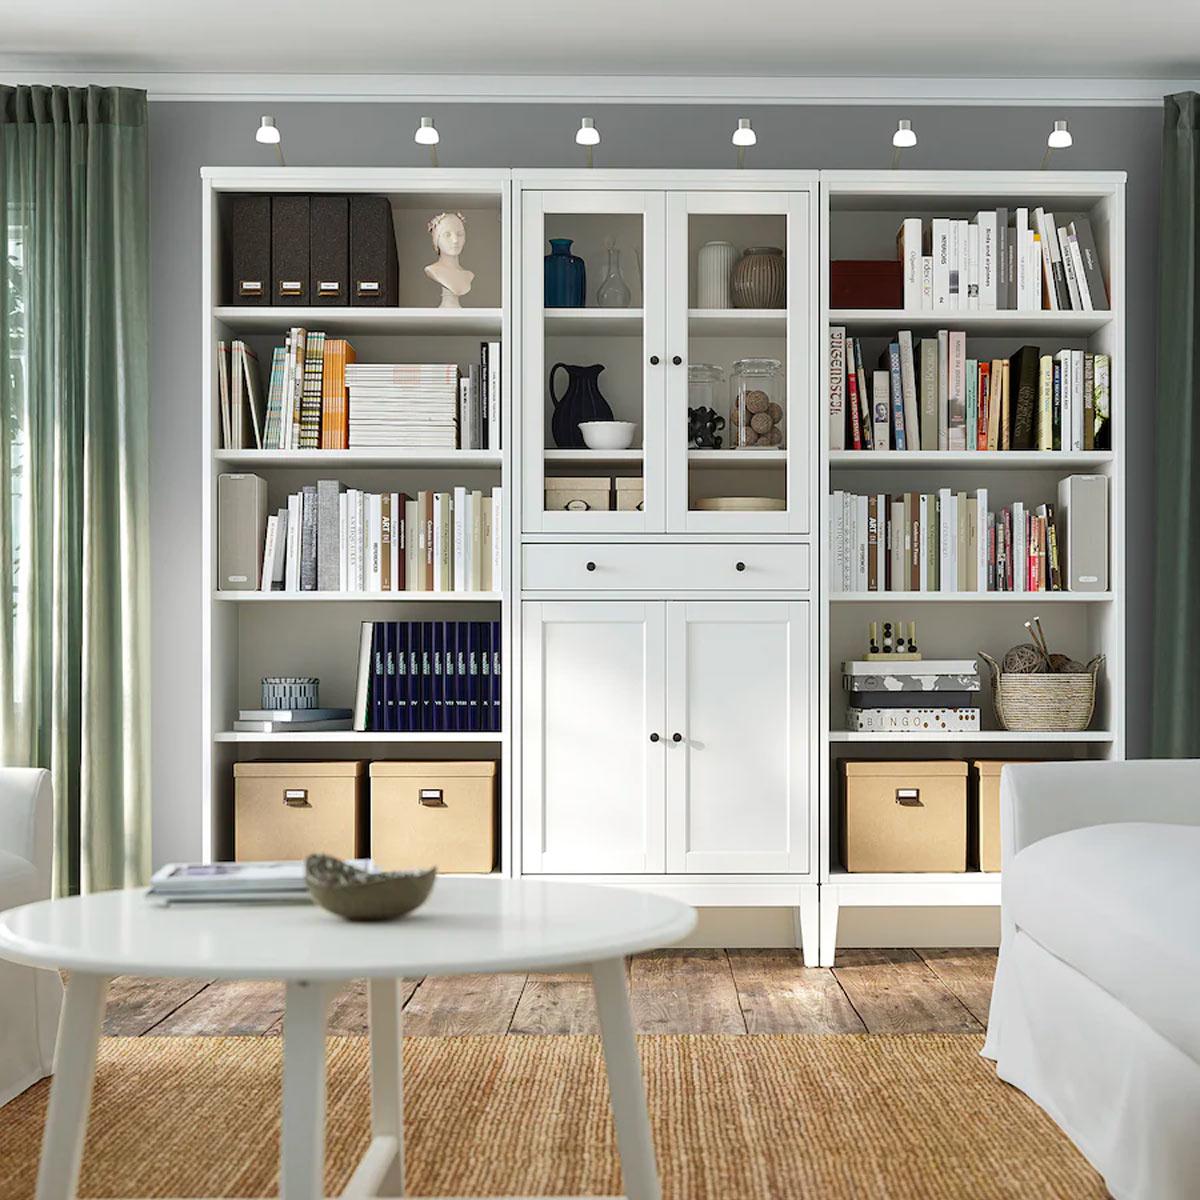 consigli per scegliere la giusta libreria ikea